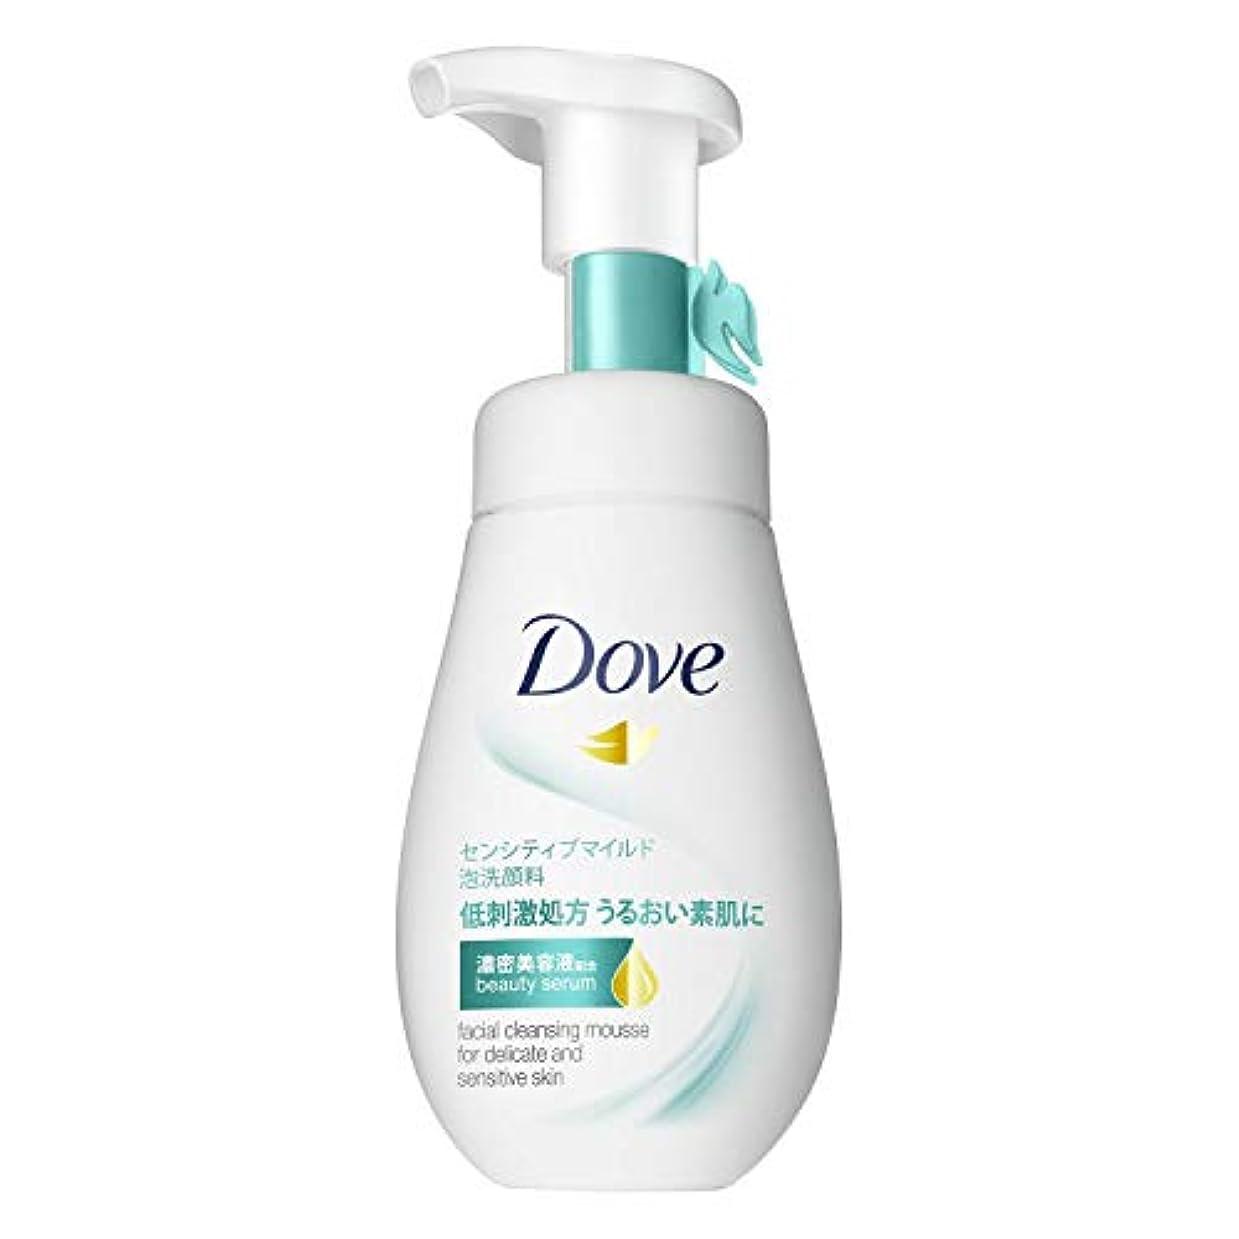 チューインガム鎮静剤トークダヴ センシティブマイルド クリーミー泡洗顔料 敏感肌用 160mL